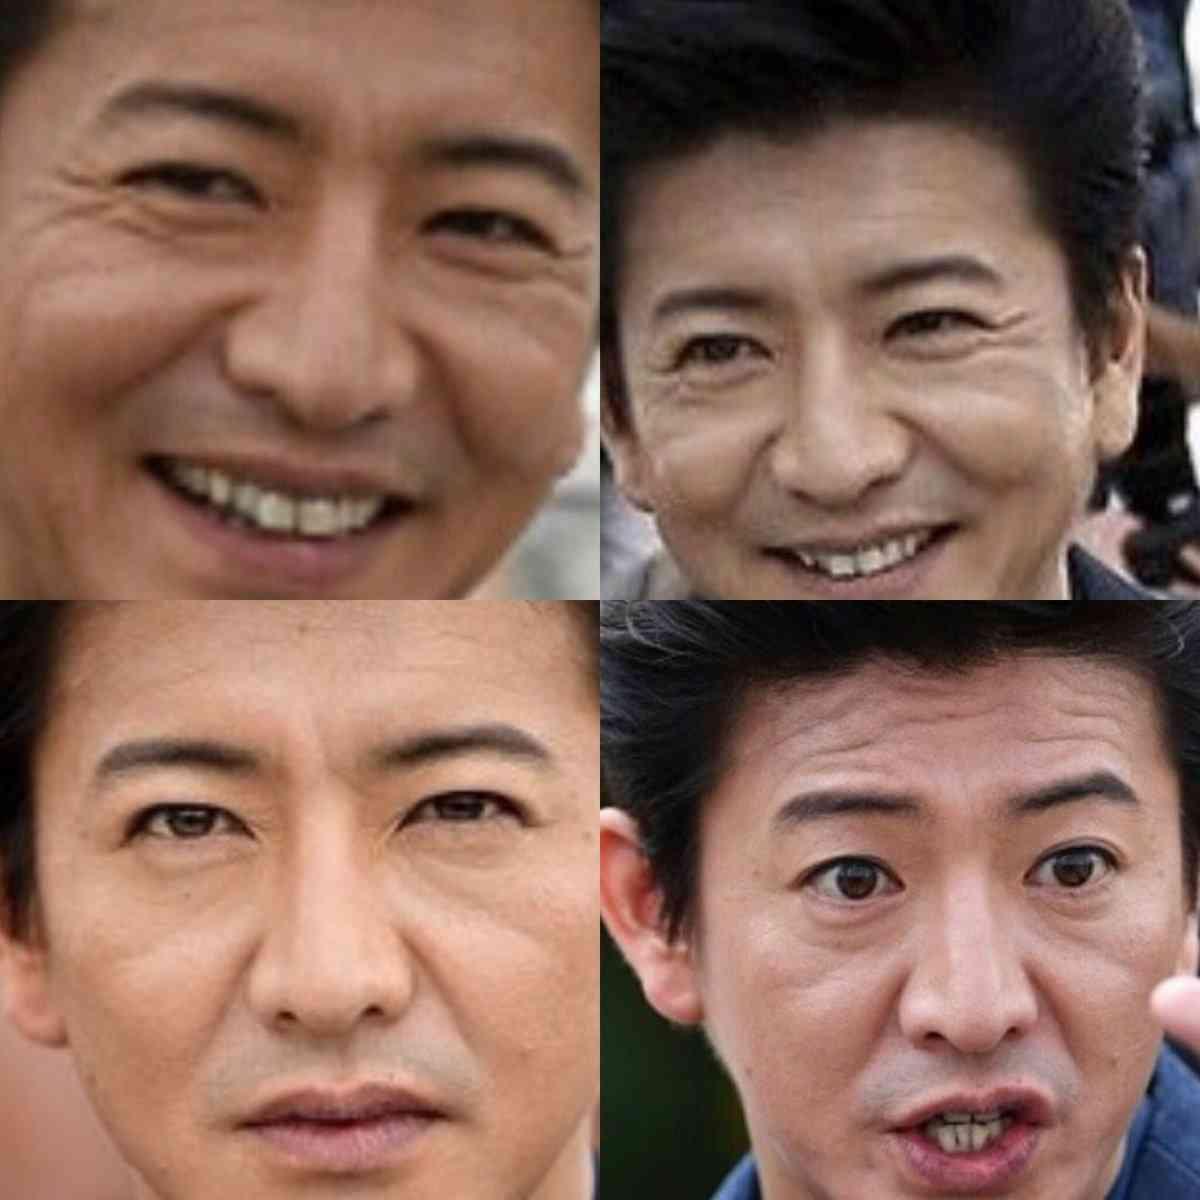 『BG』木村拓哉の棒演技&また「カッコいいキムタク」押し売りで辟易…初回からマンネリ感